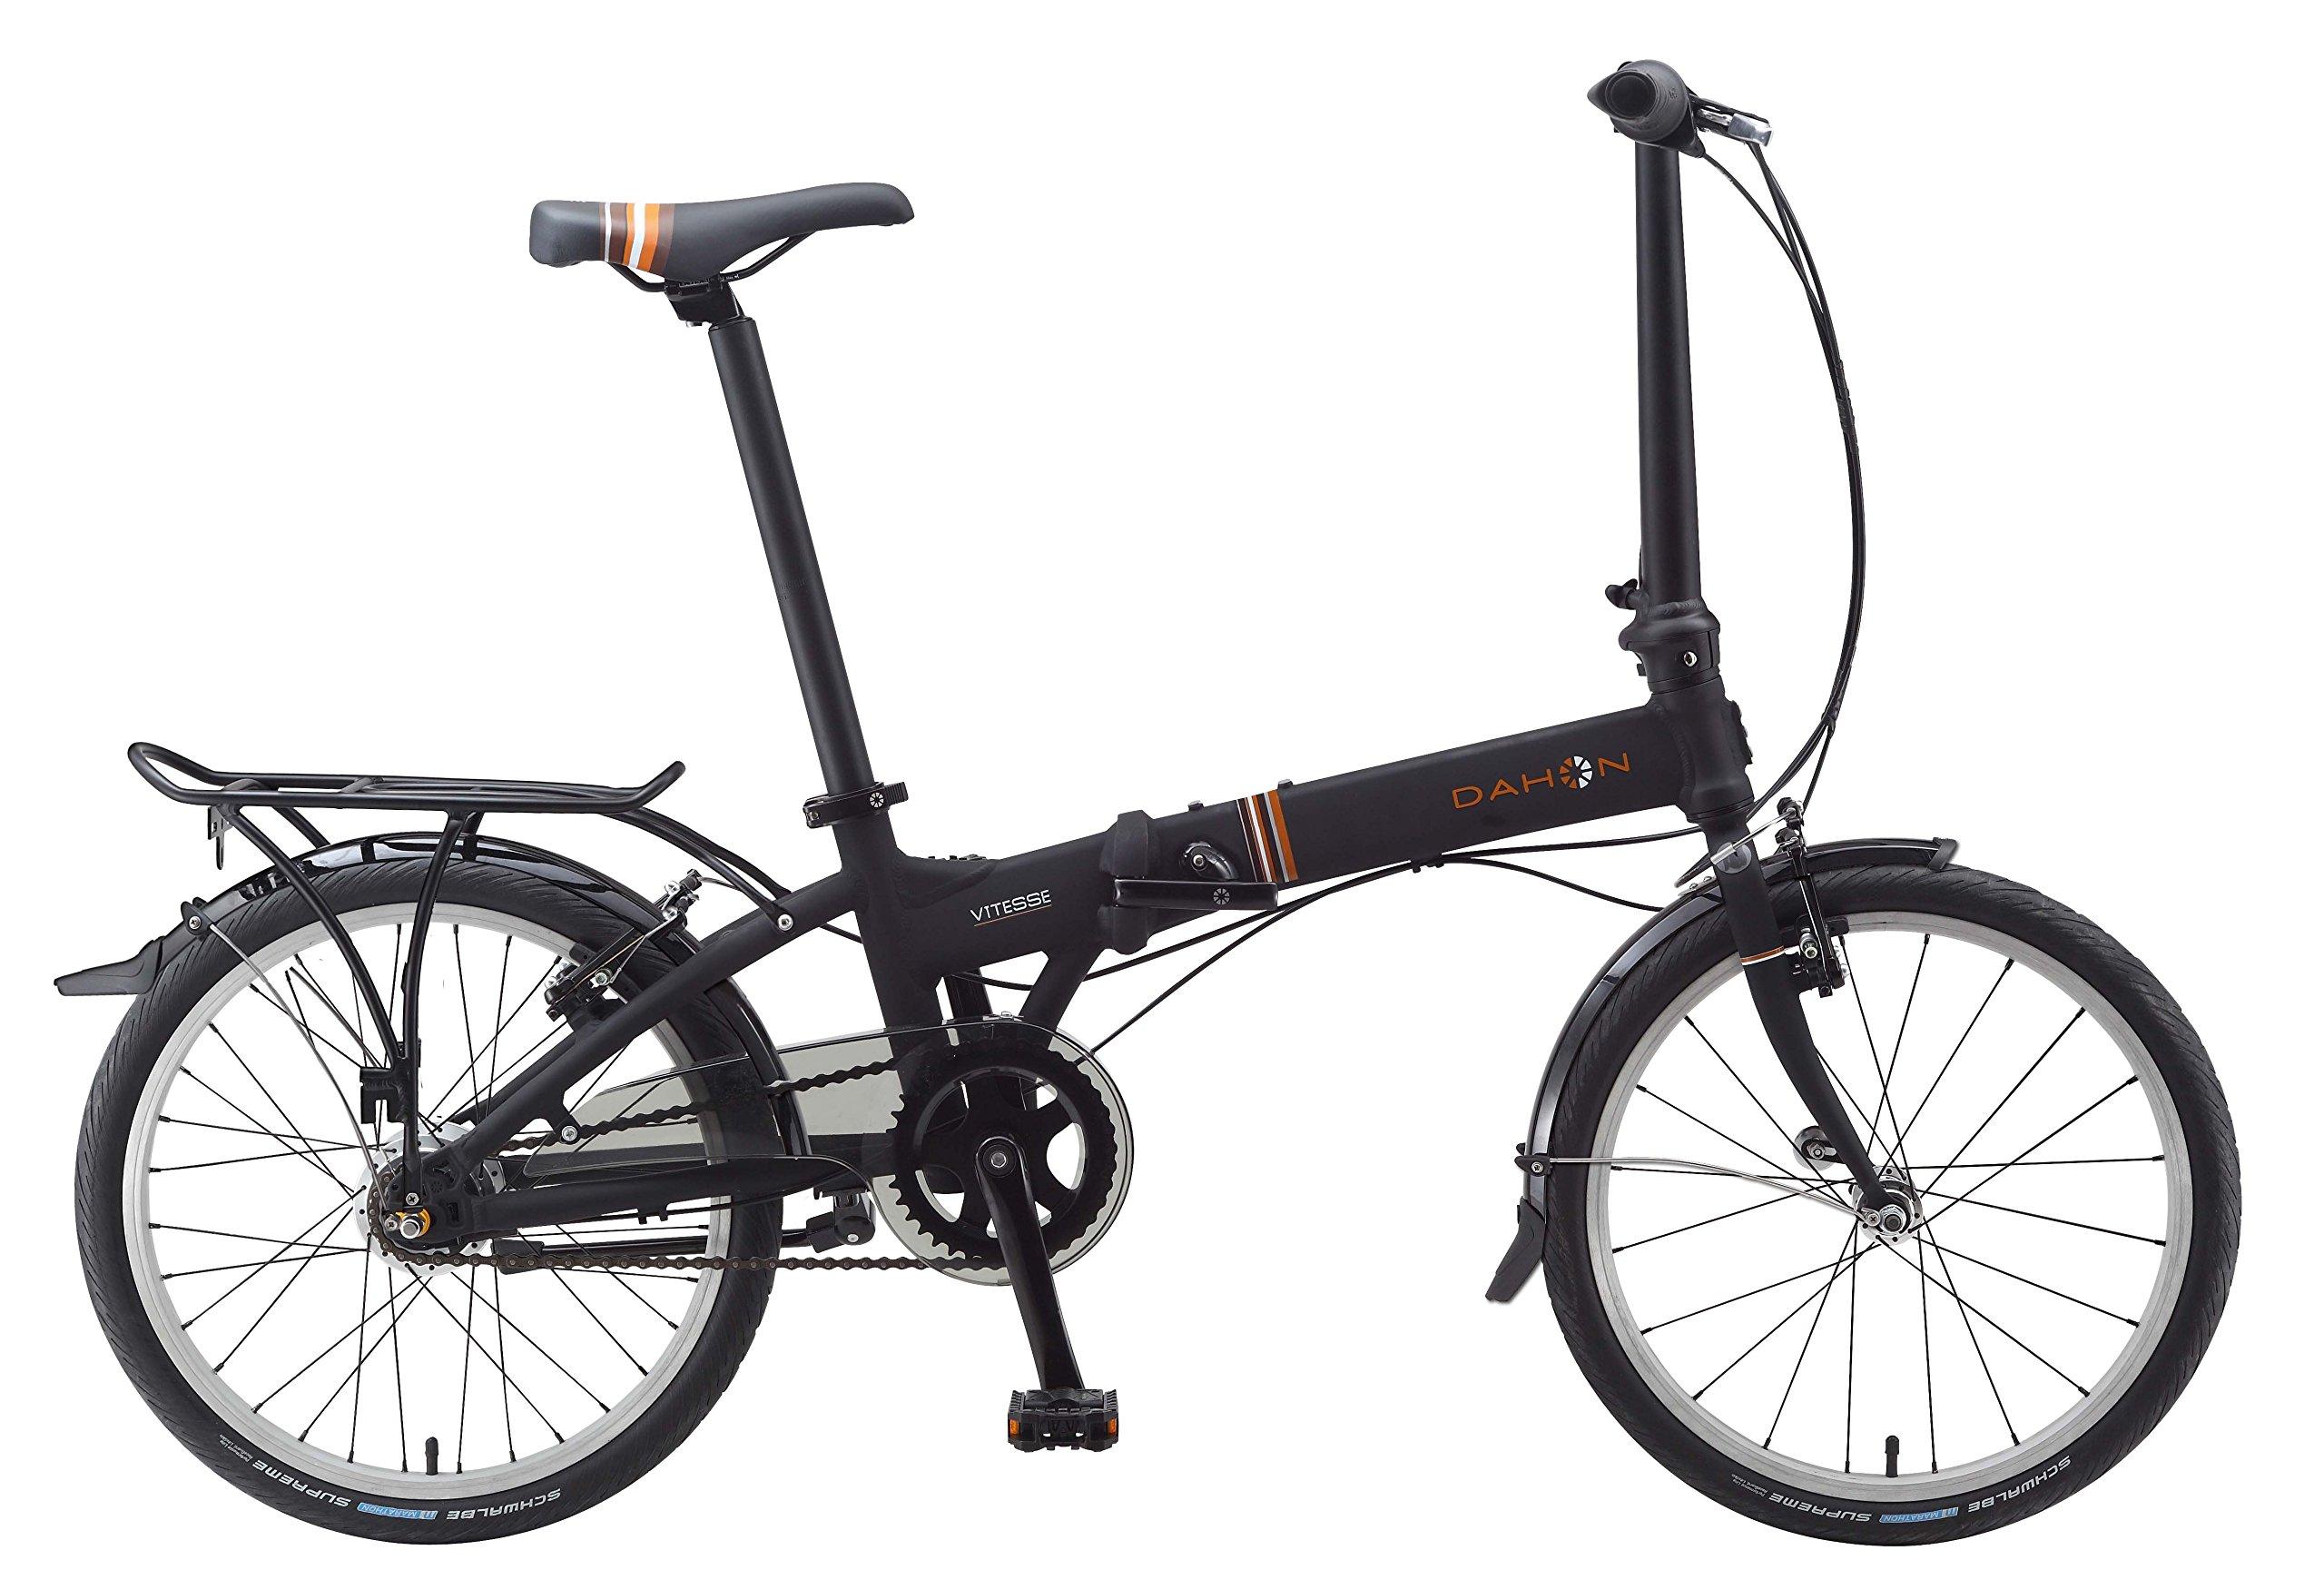 Складной велосипед dahon ios p8 — первые впечатления